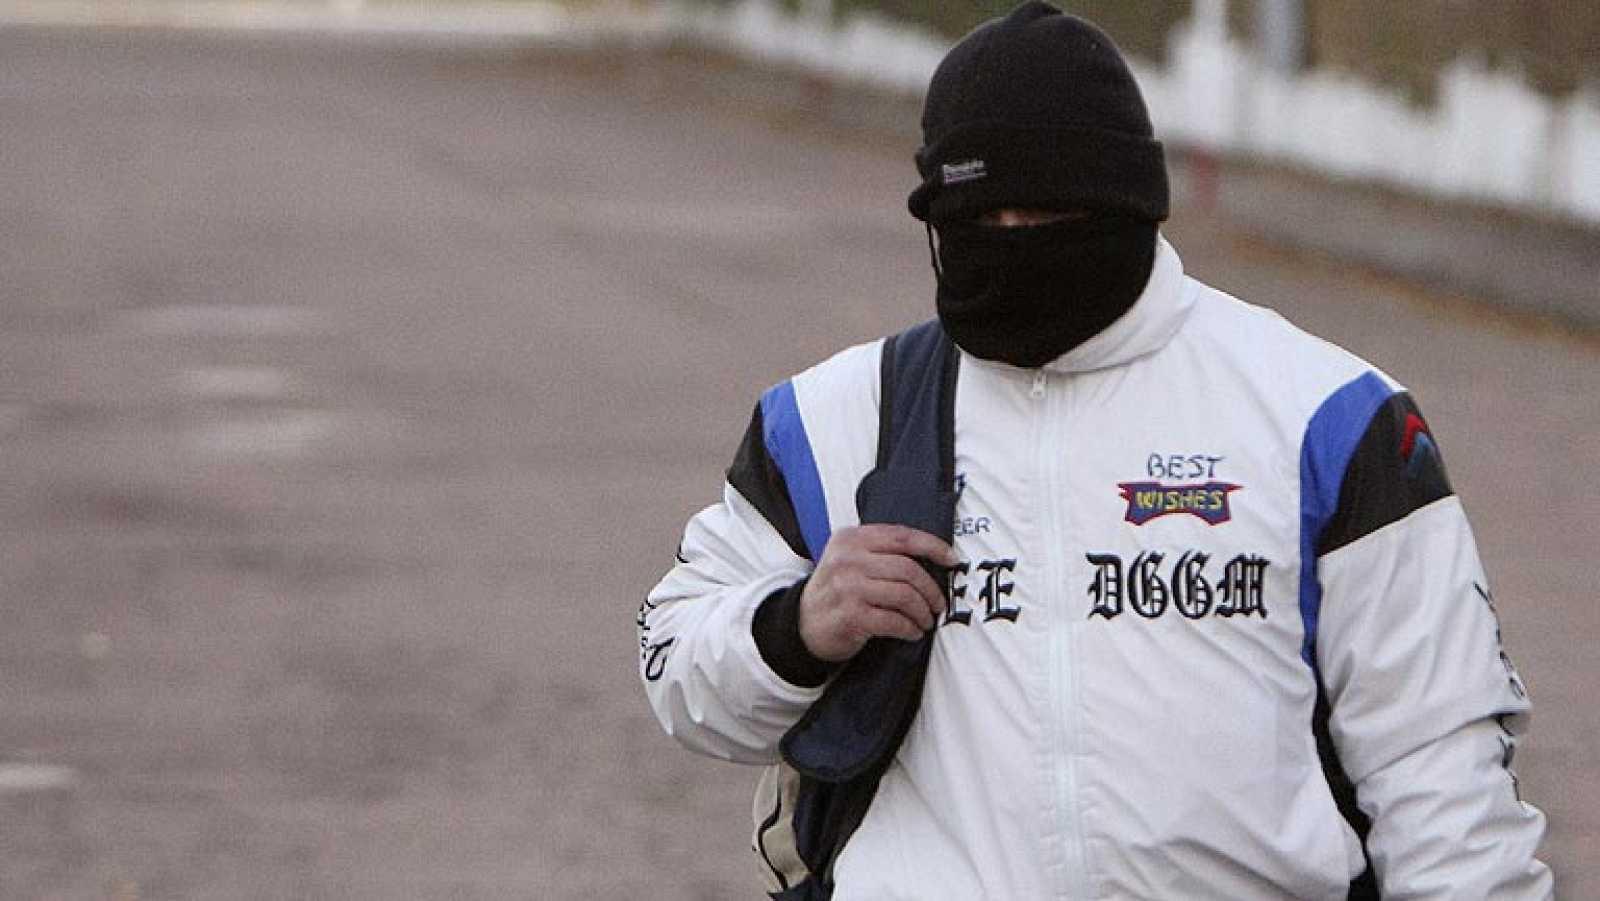 Miquel Ricart sale de la cárcel tras 20 años de prisión por el crimen de Alcàsser